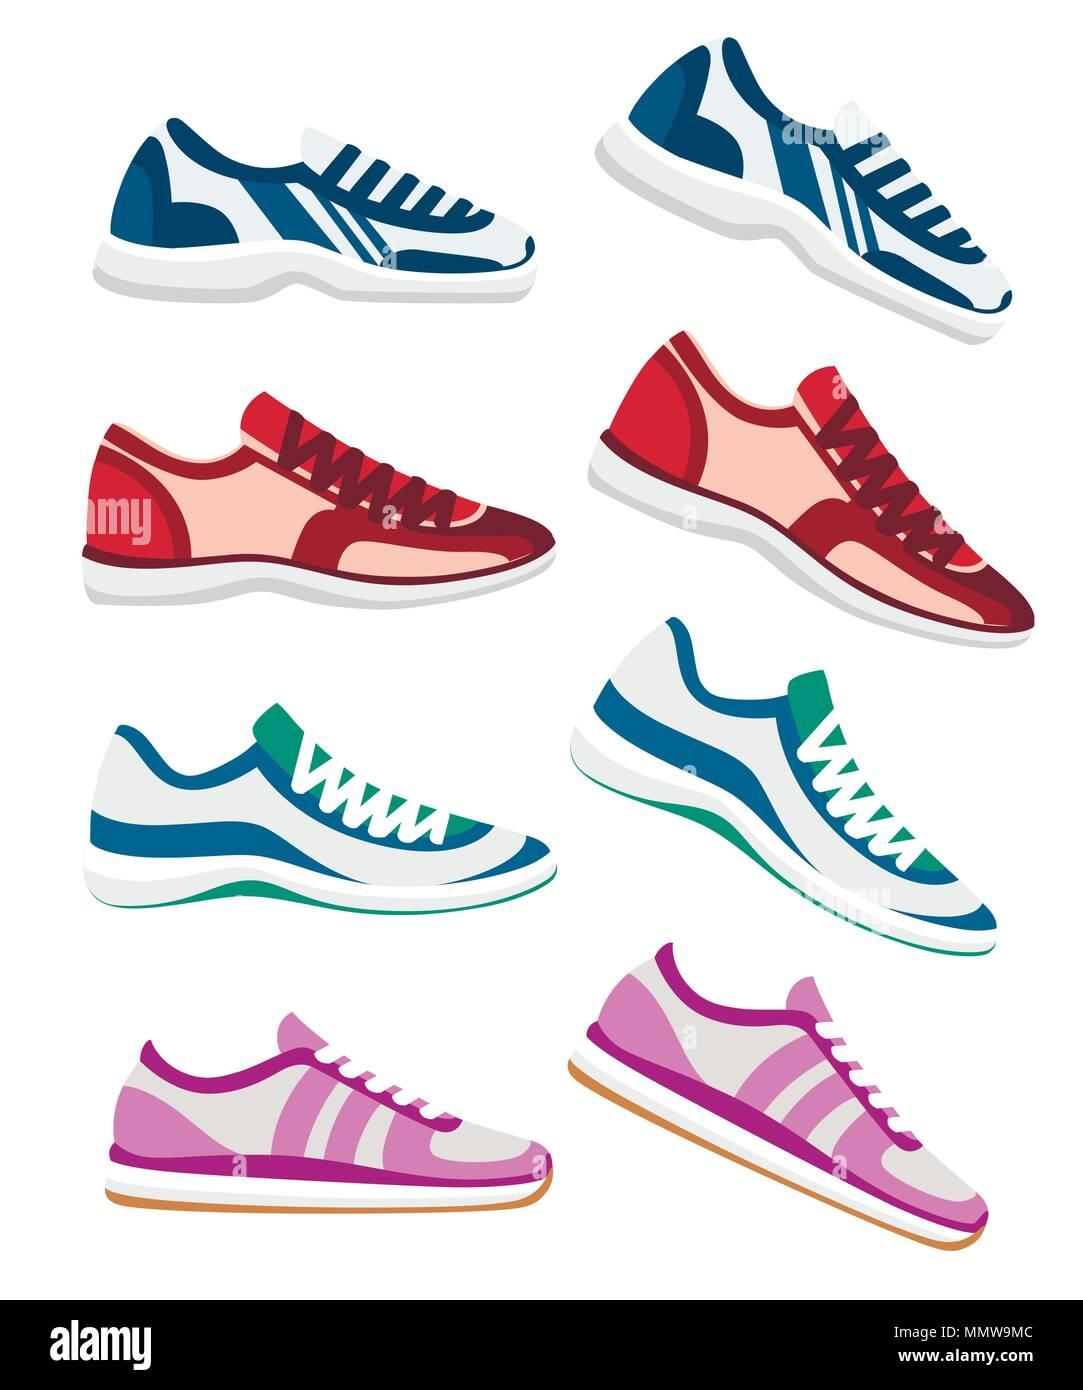 Chaussures Sneaker. Athletic chaussures de sport de remise